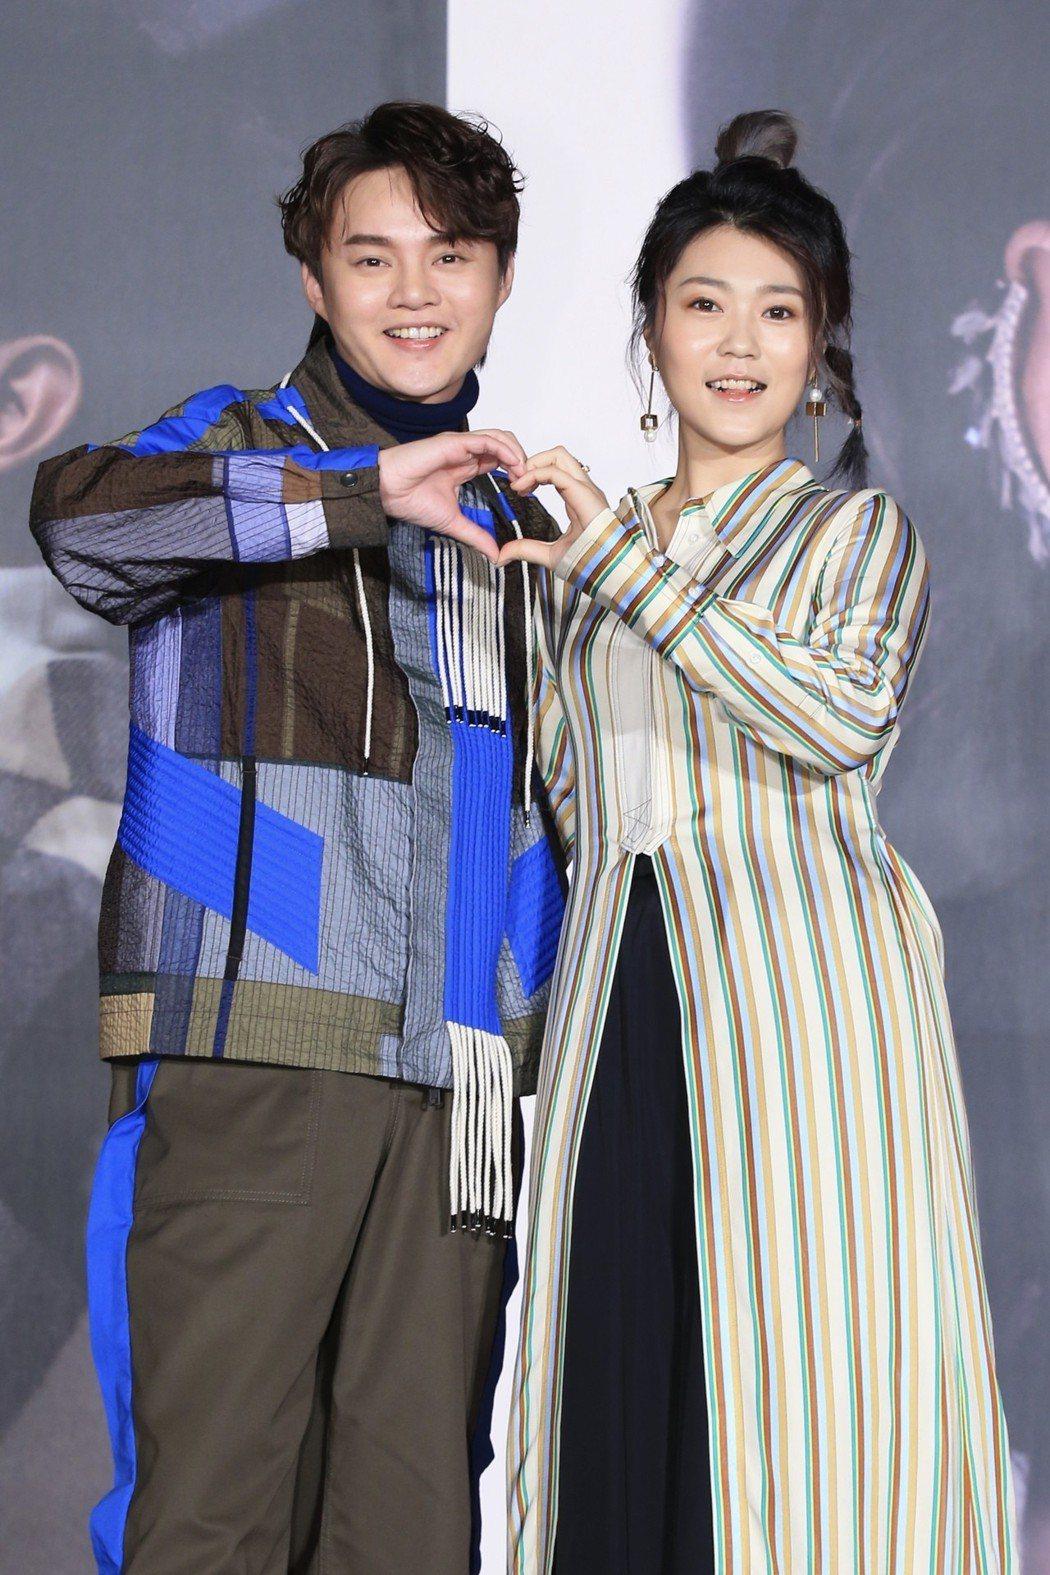 許富凱(左)、曹雅雯將在4月舉辦個人演唱會。記者林伯東/攝影